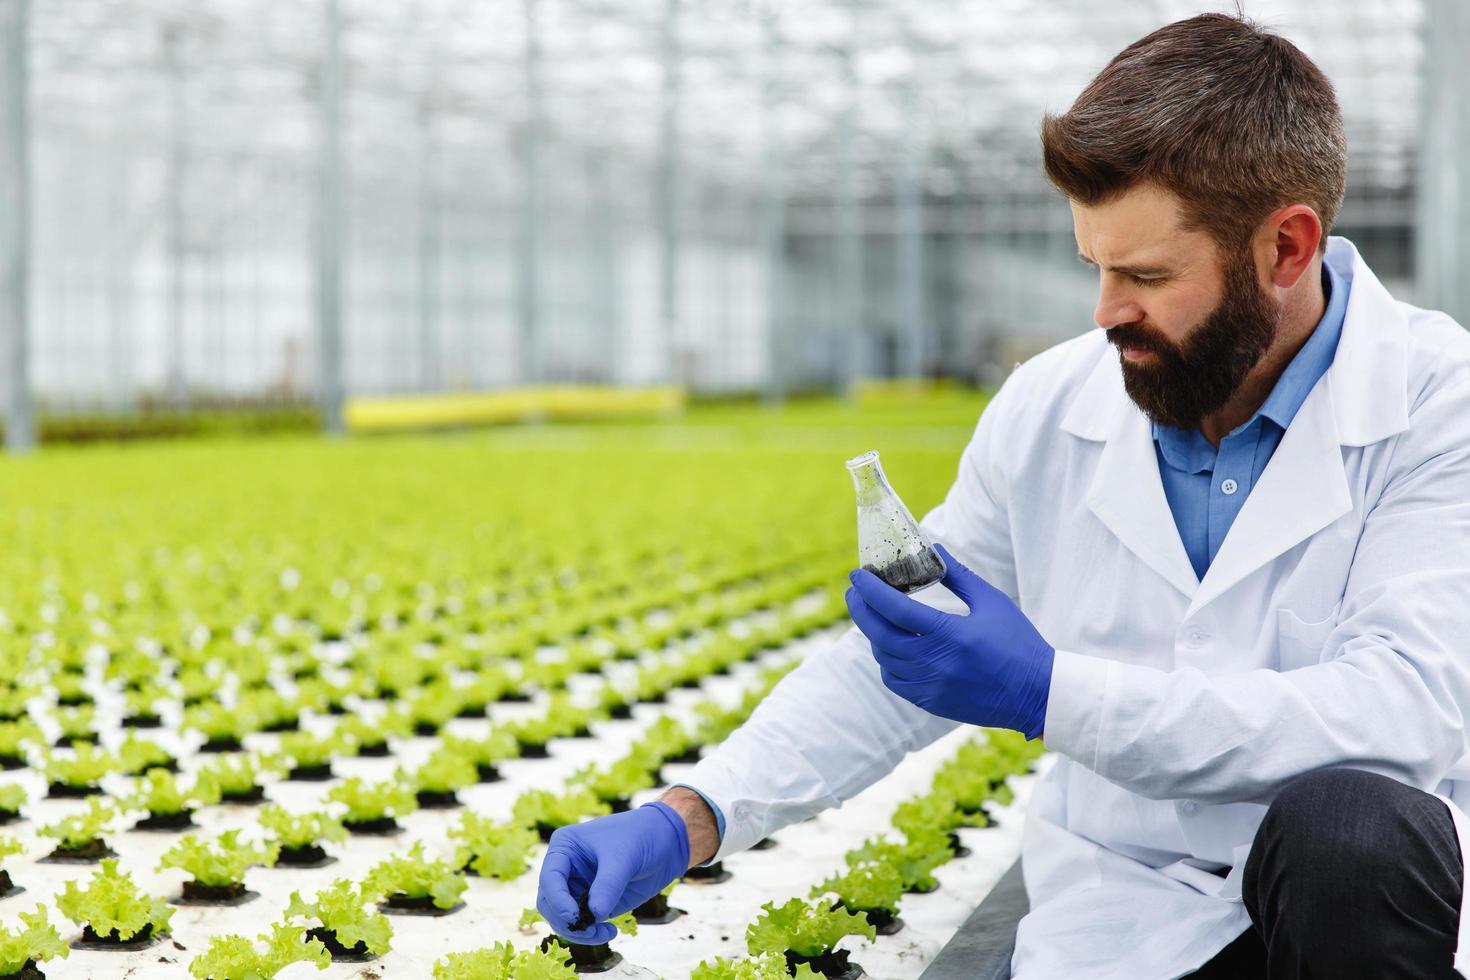 el hombre toma una sonda de vegetación en un matraz erlenmeyer foto